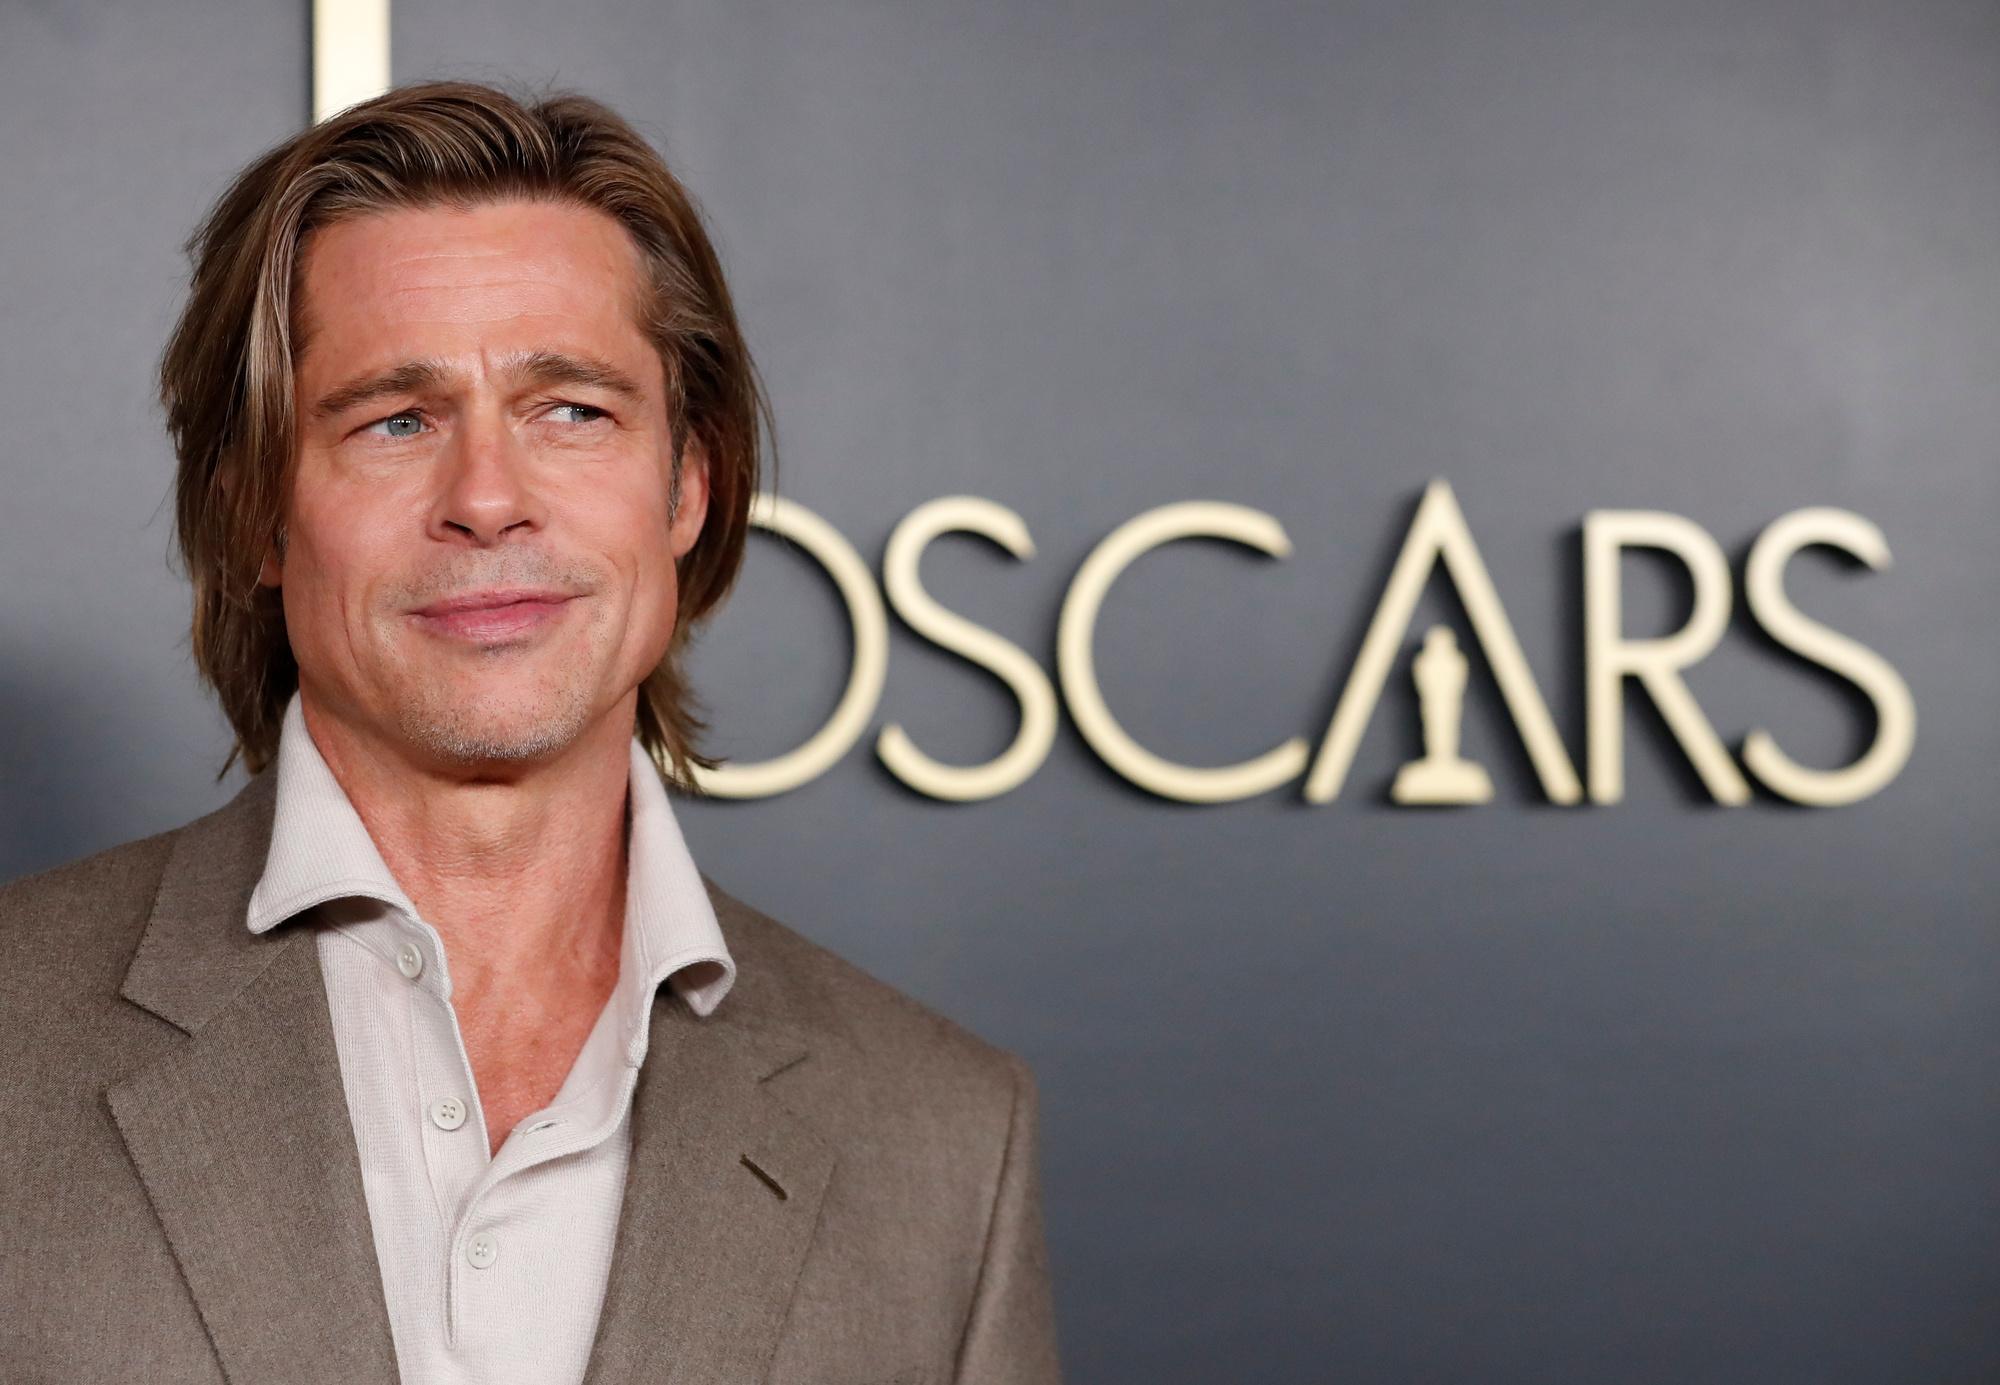 Enfin la consécration pour Brad Pitt?, REUTERS